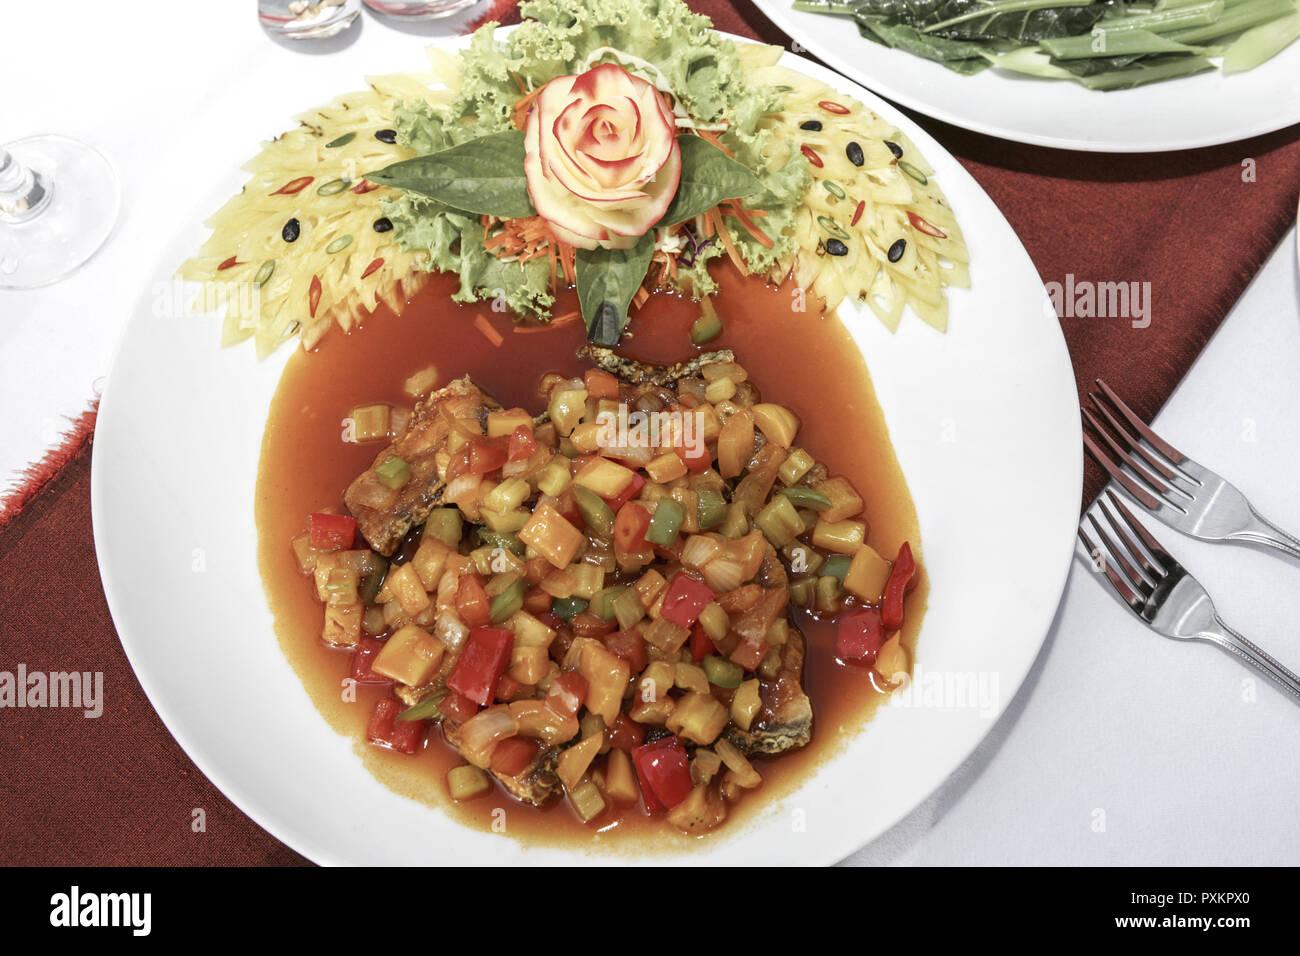 Asien Suedostasien Thailand Siam Krabi Railay Princess Ressort und Spa Detail Close-up Essen Spezialitaet Obst Gemuese Thai Thailaendisch Thaifood Sch - Stock Image